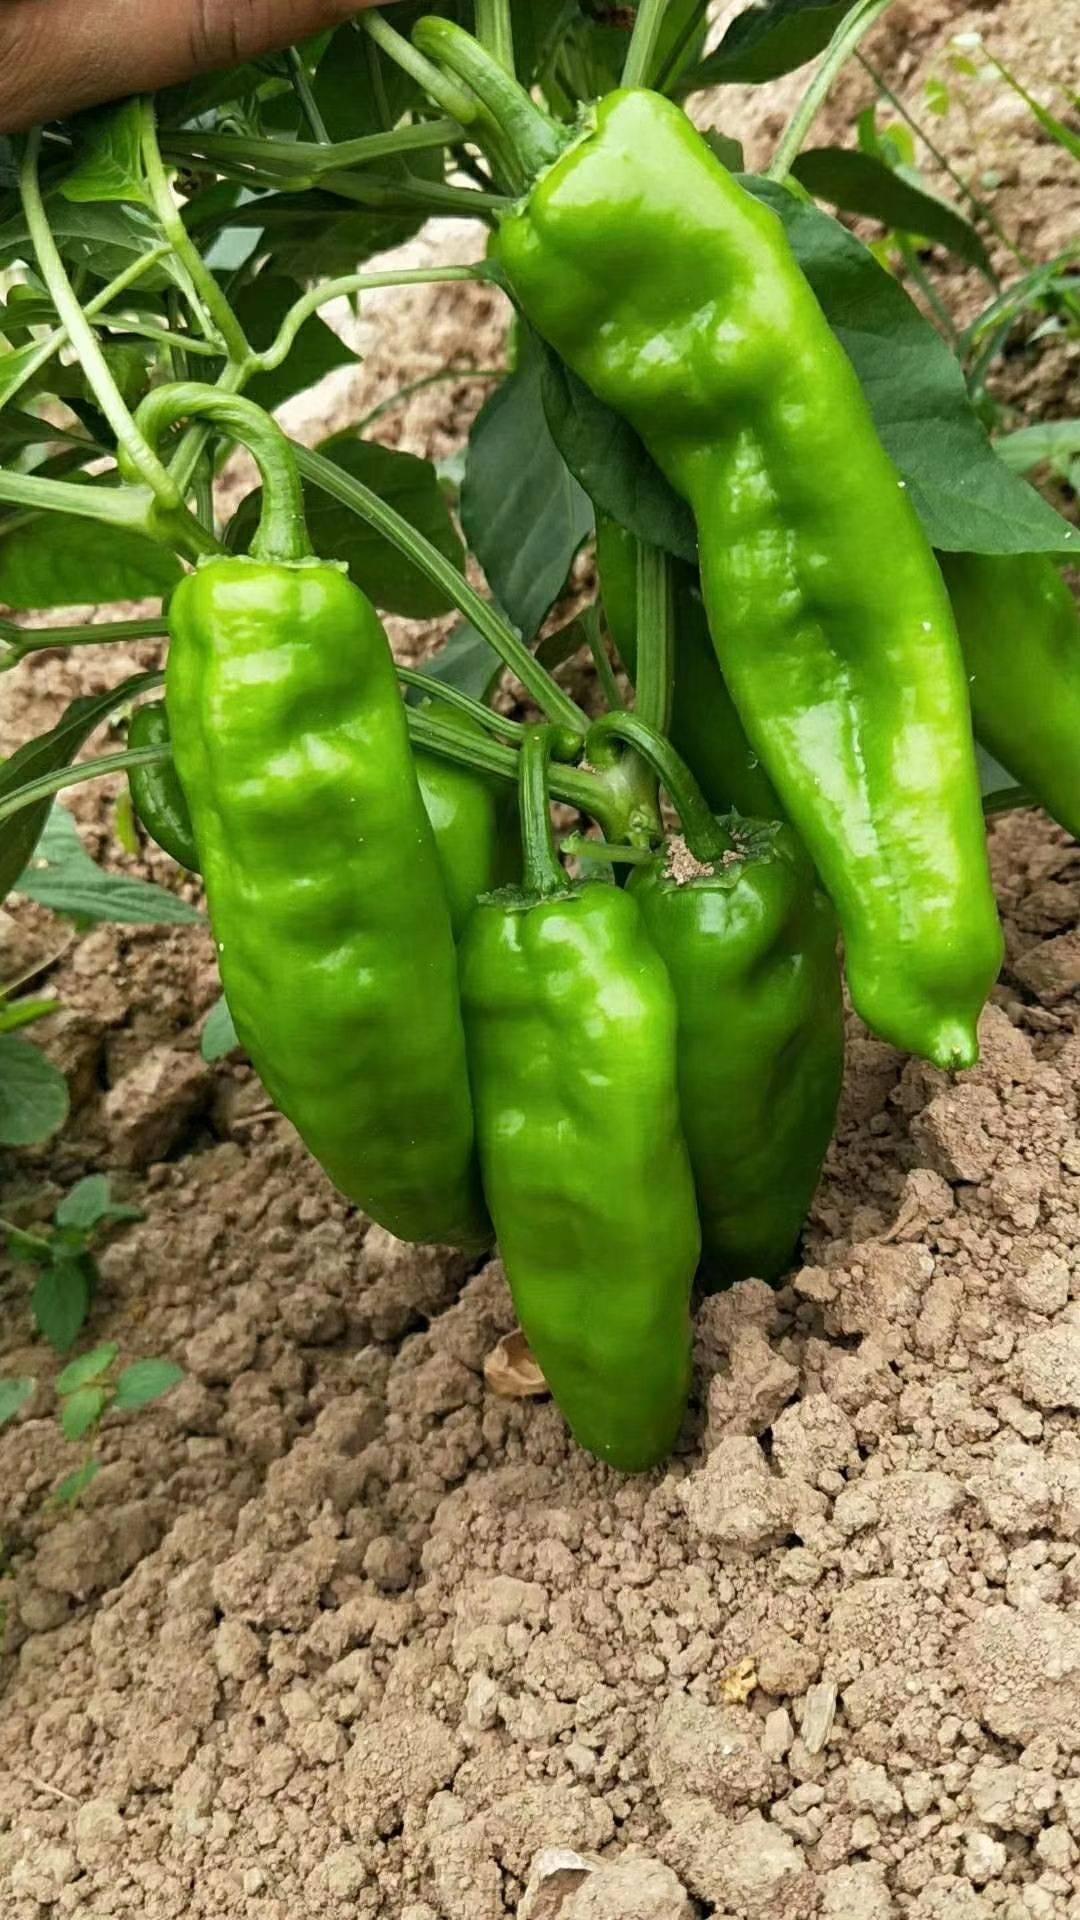 椒由原产中南美洲热带地区的辣椒在北美演化而来,青椒营养丰富,